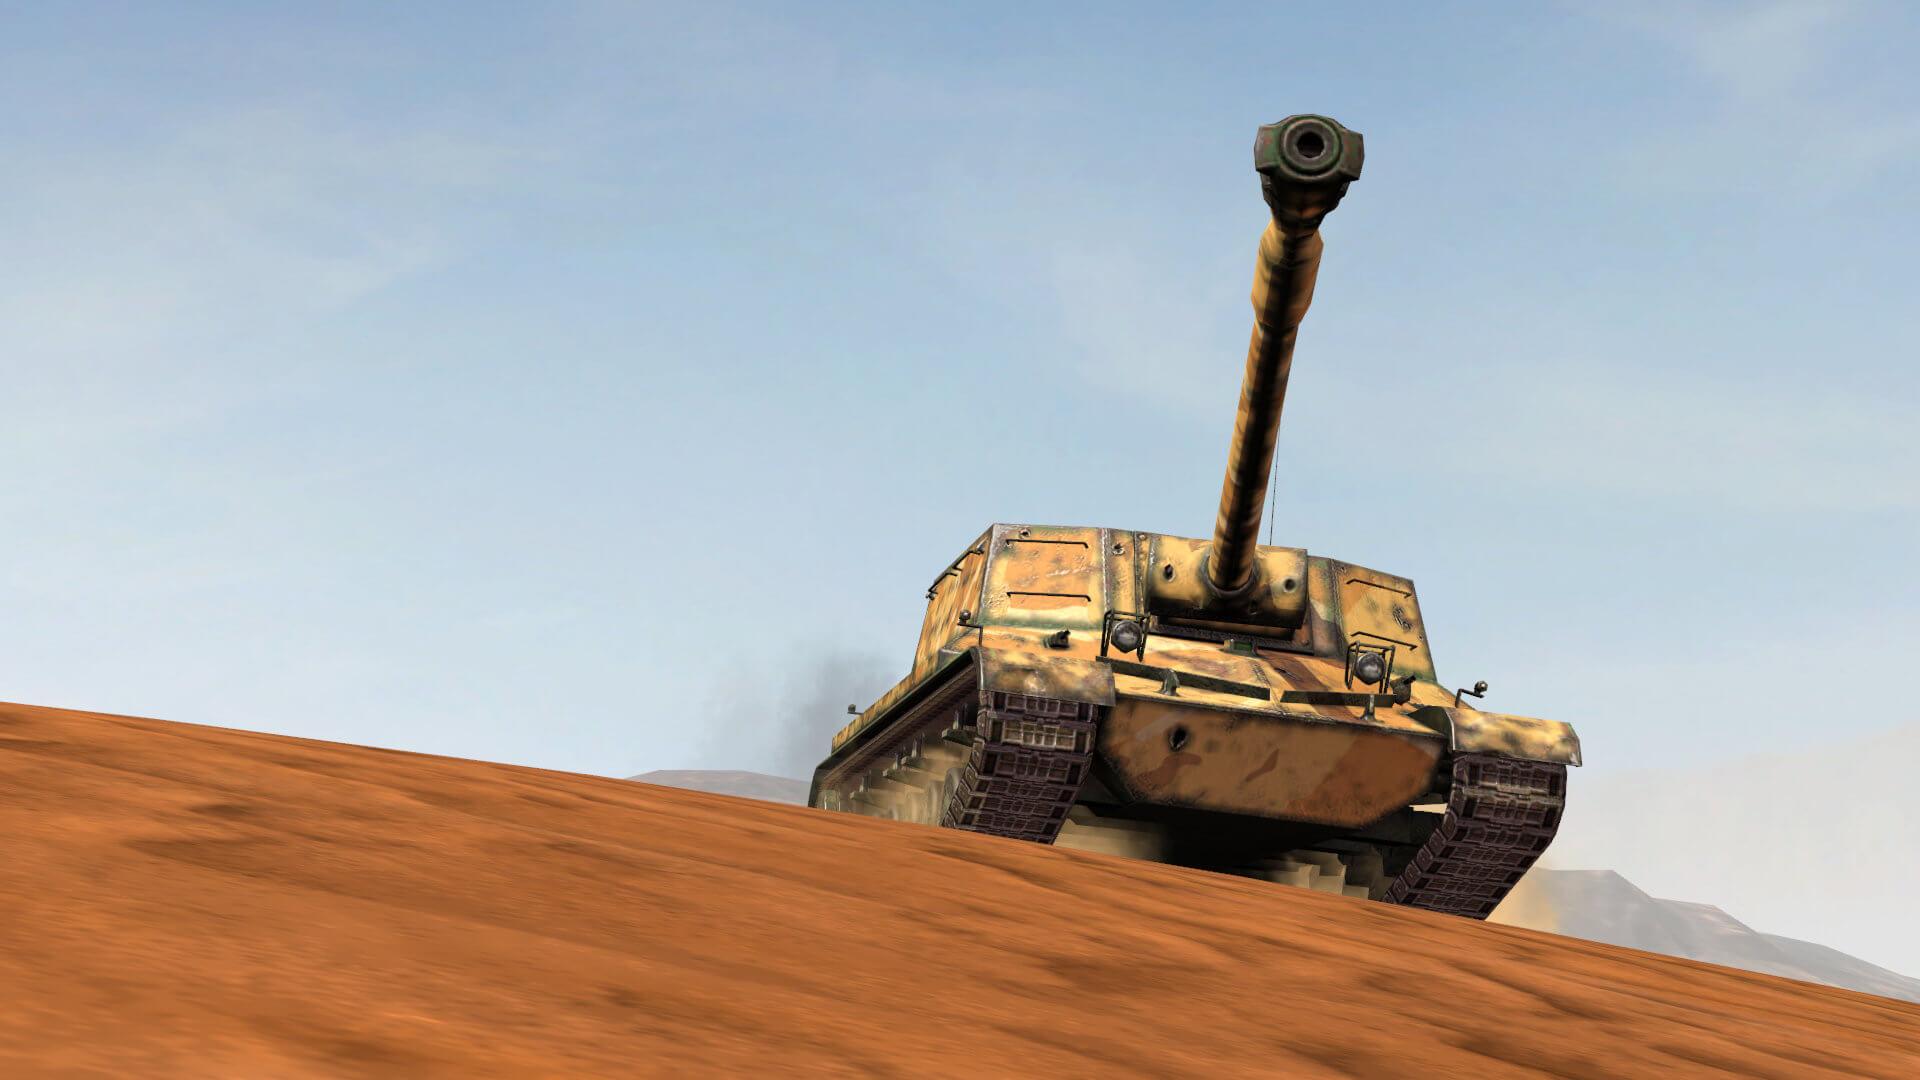 ... medium tank to the slow 1304da9c8c8